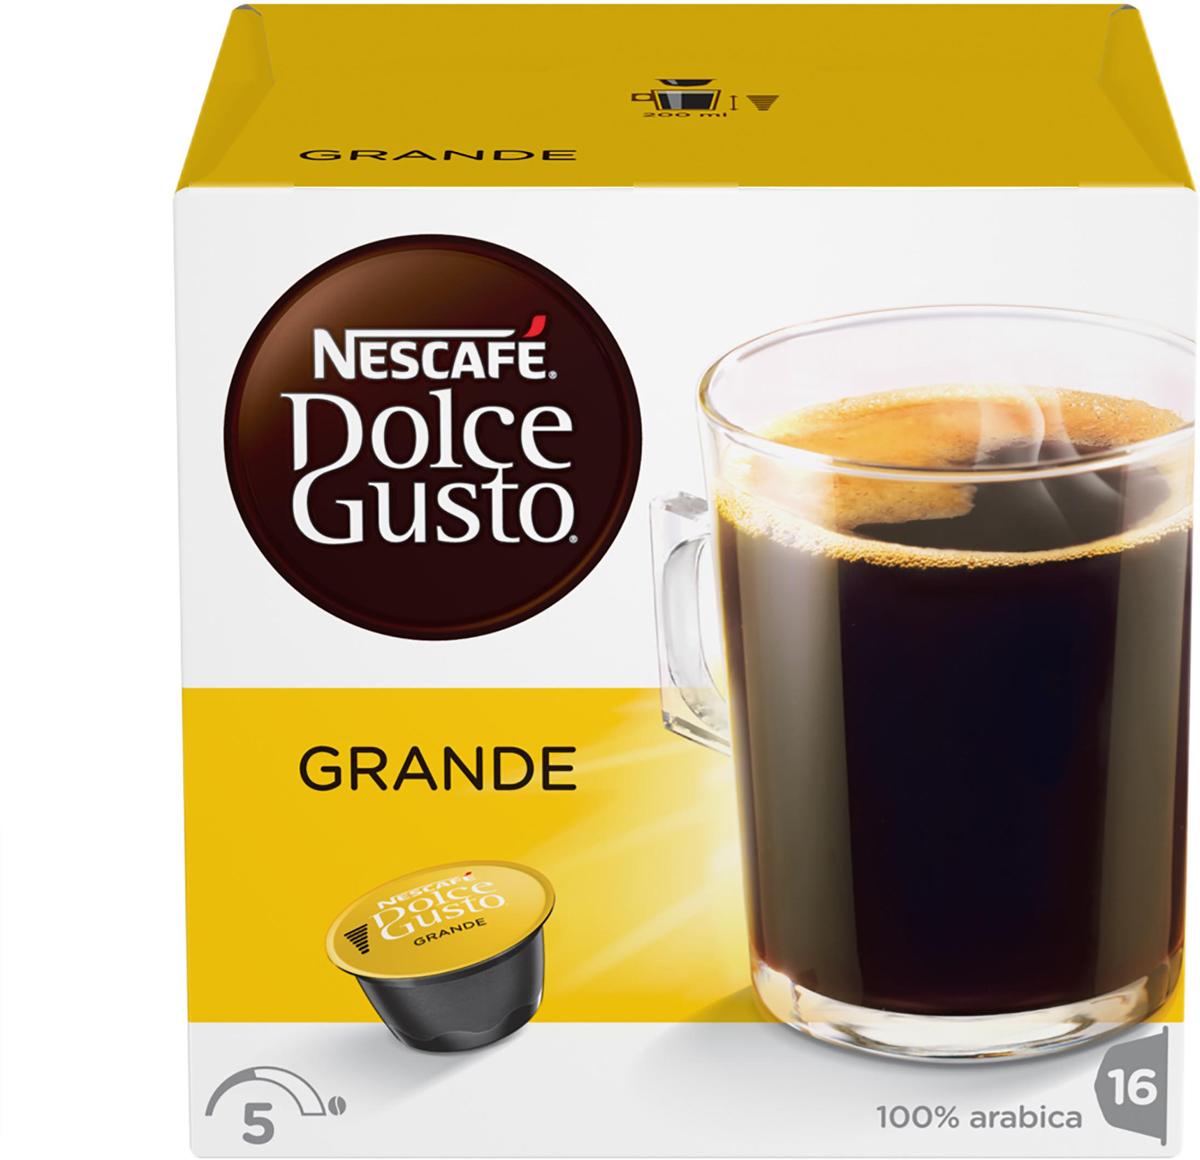 Nescafe Dolce Gusto Grande кофе в капсулах, 16 шт nescafe dolce gusto cortado эспрессо с молоком кофе в капсулах 16 шт